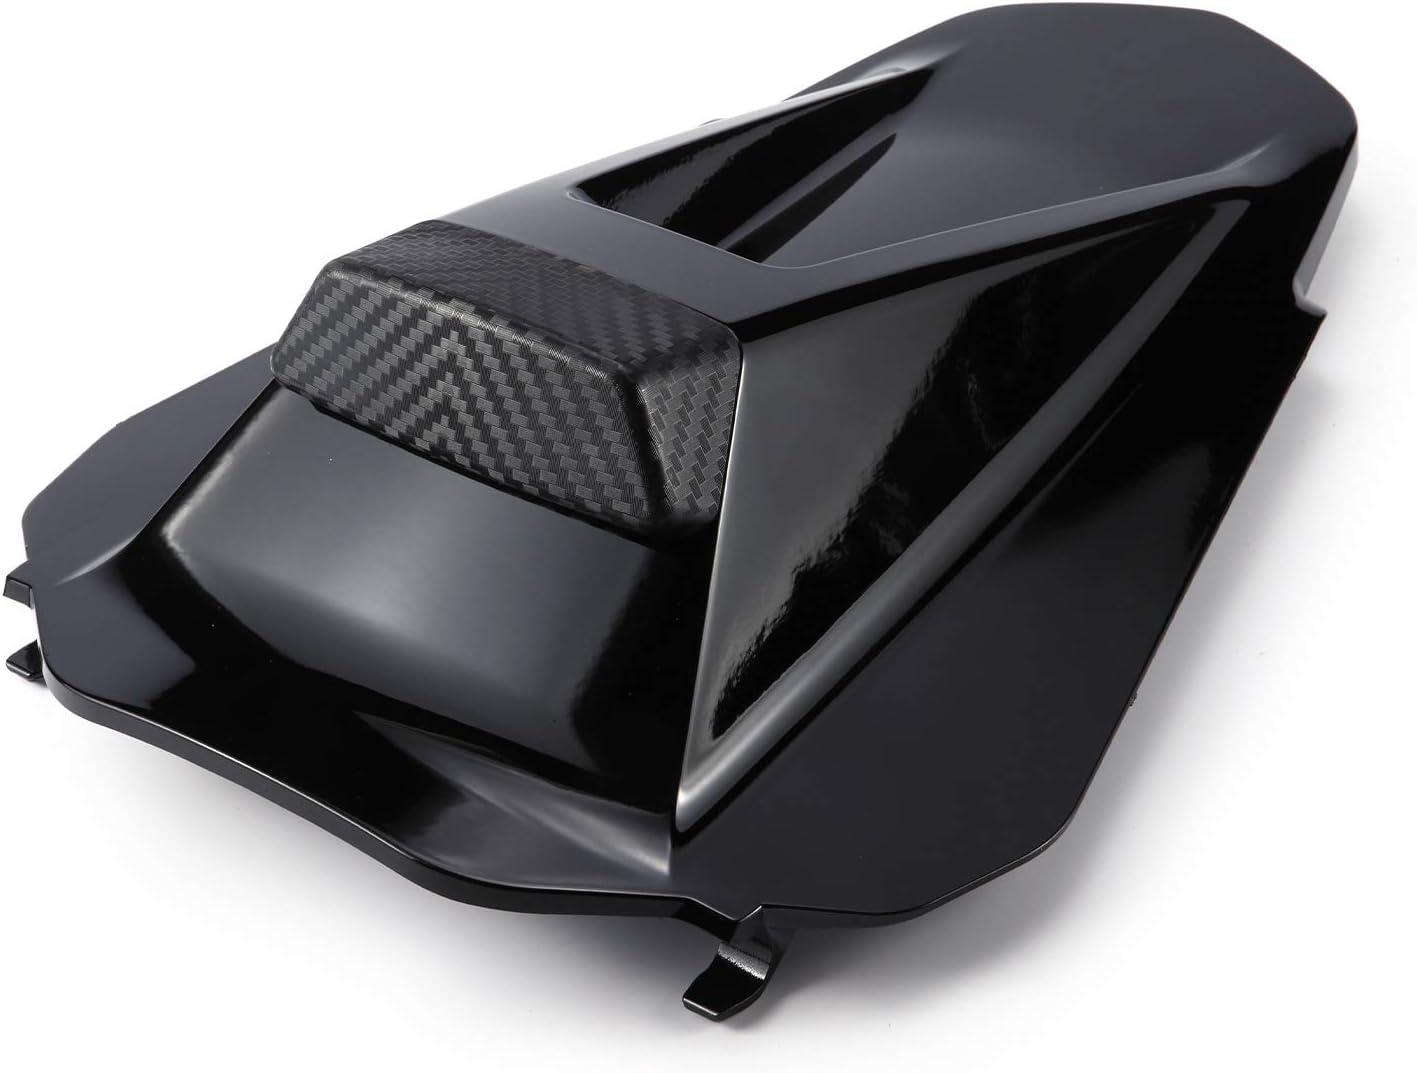 Black Si/ège arri/ère Cowl Car/énage Couverture rigide pour le passager 2018-2020 KTM Duke 790